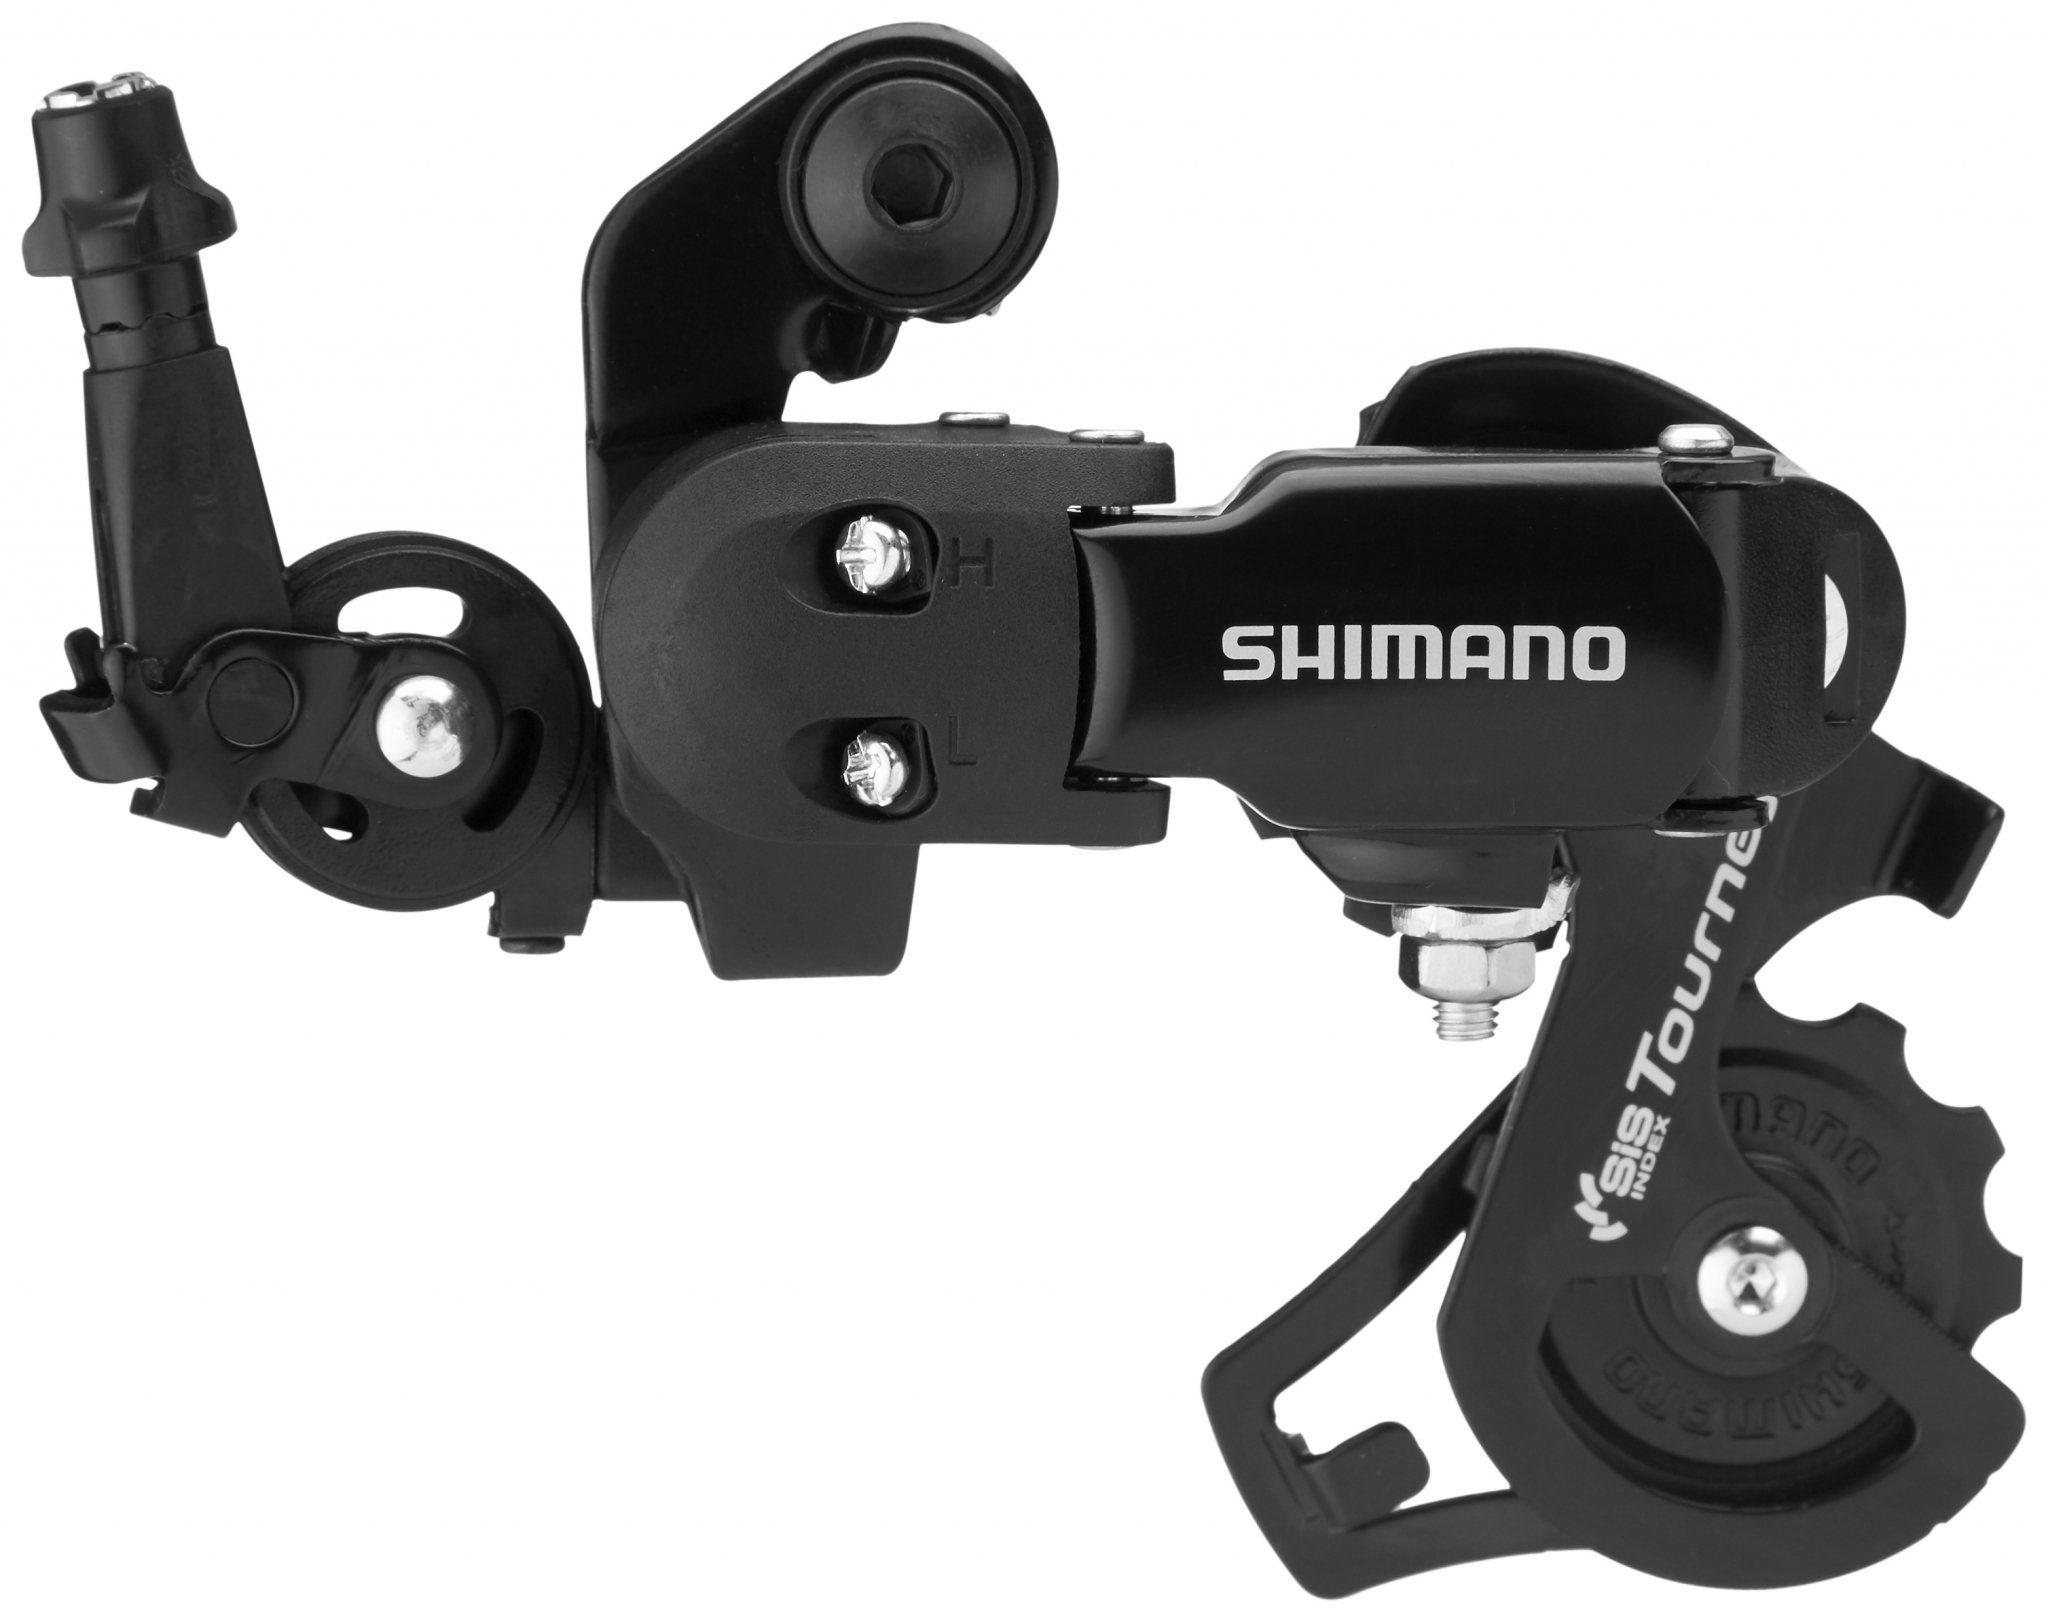 Shimano Schaltung »Tourney RD-FT35 Schaltwerk 6/7-fach Direktmontage«